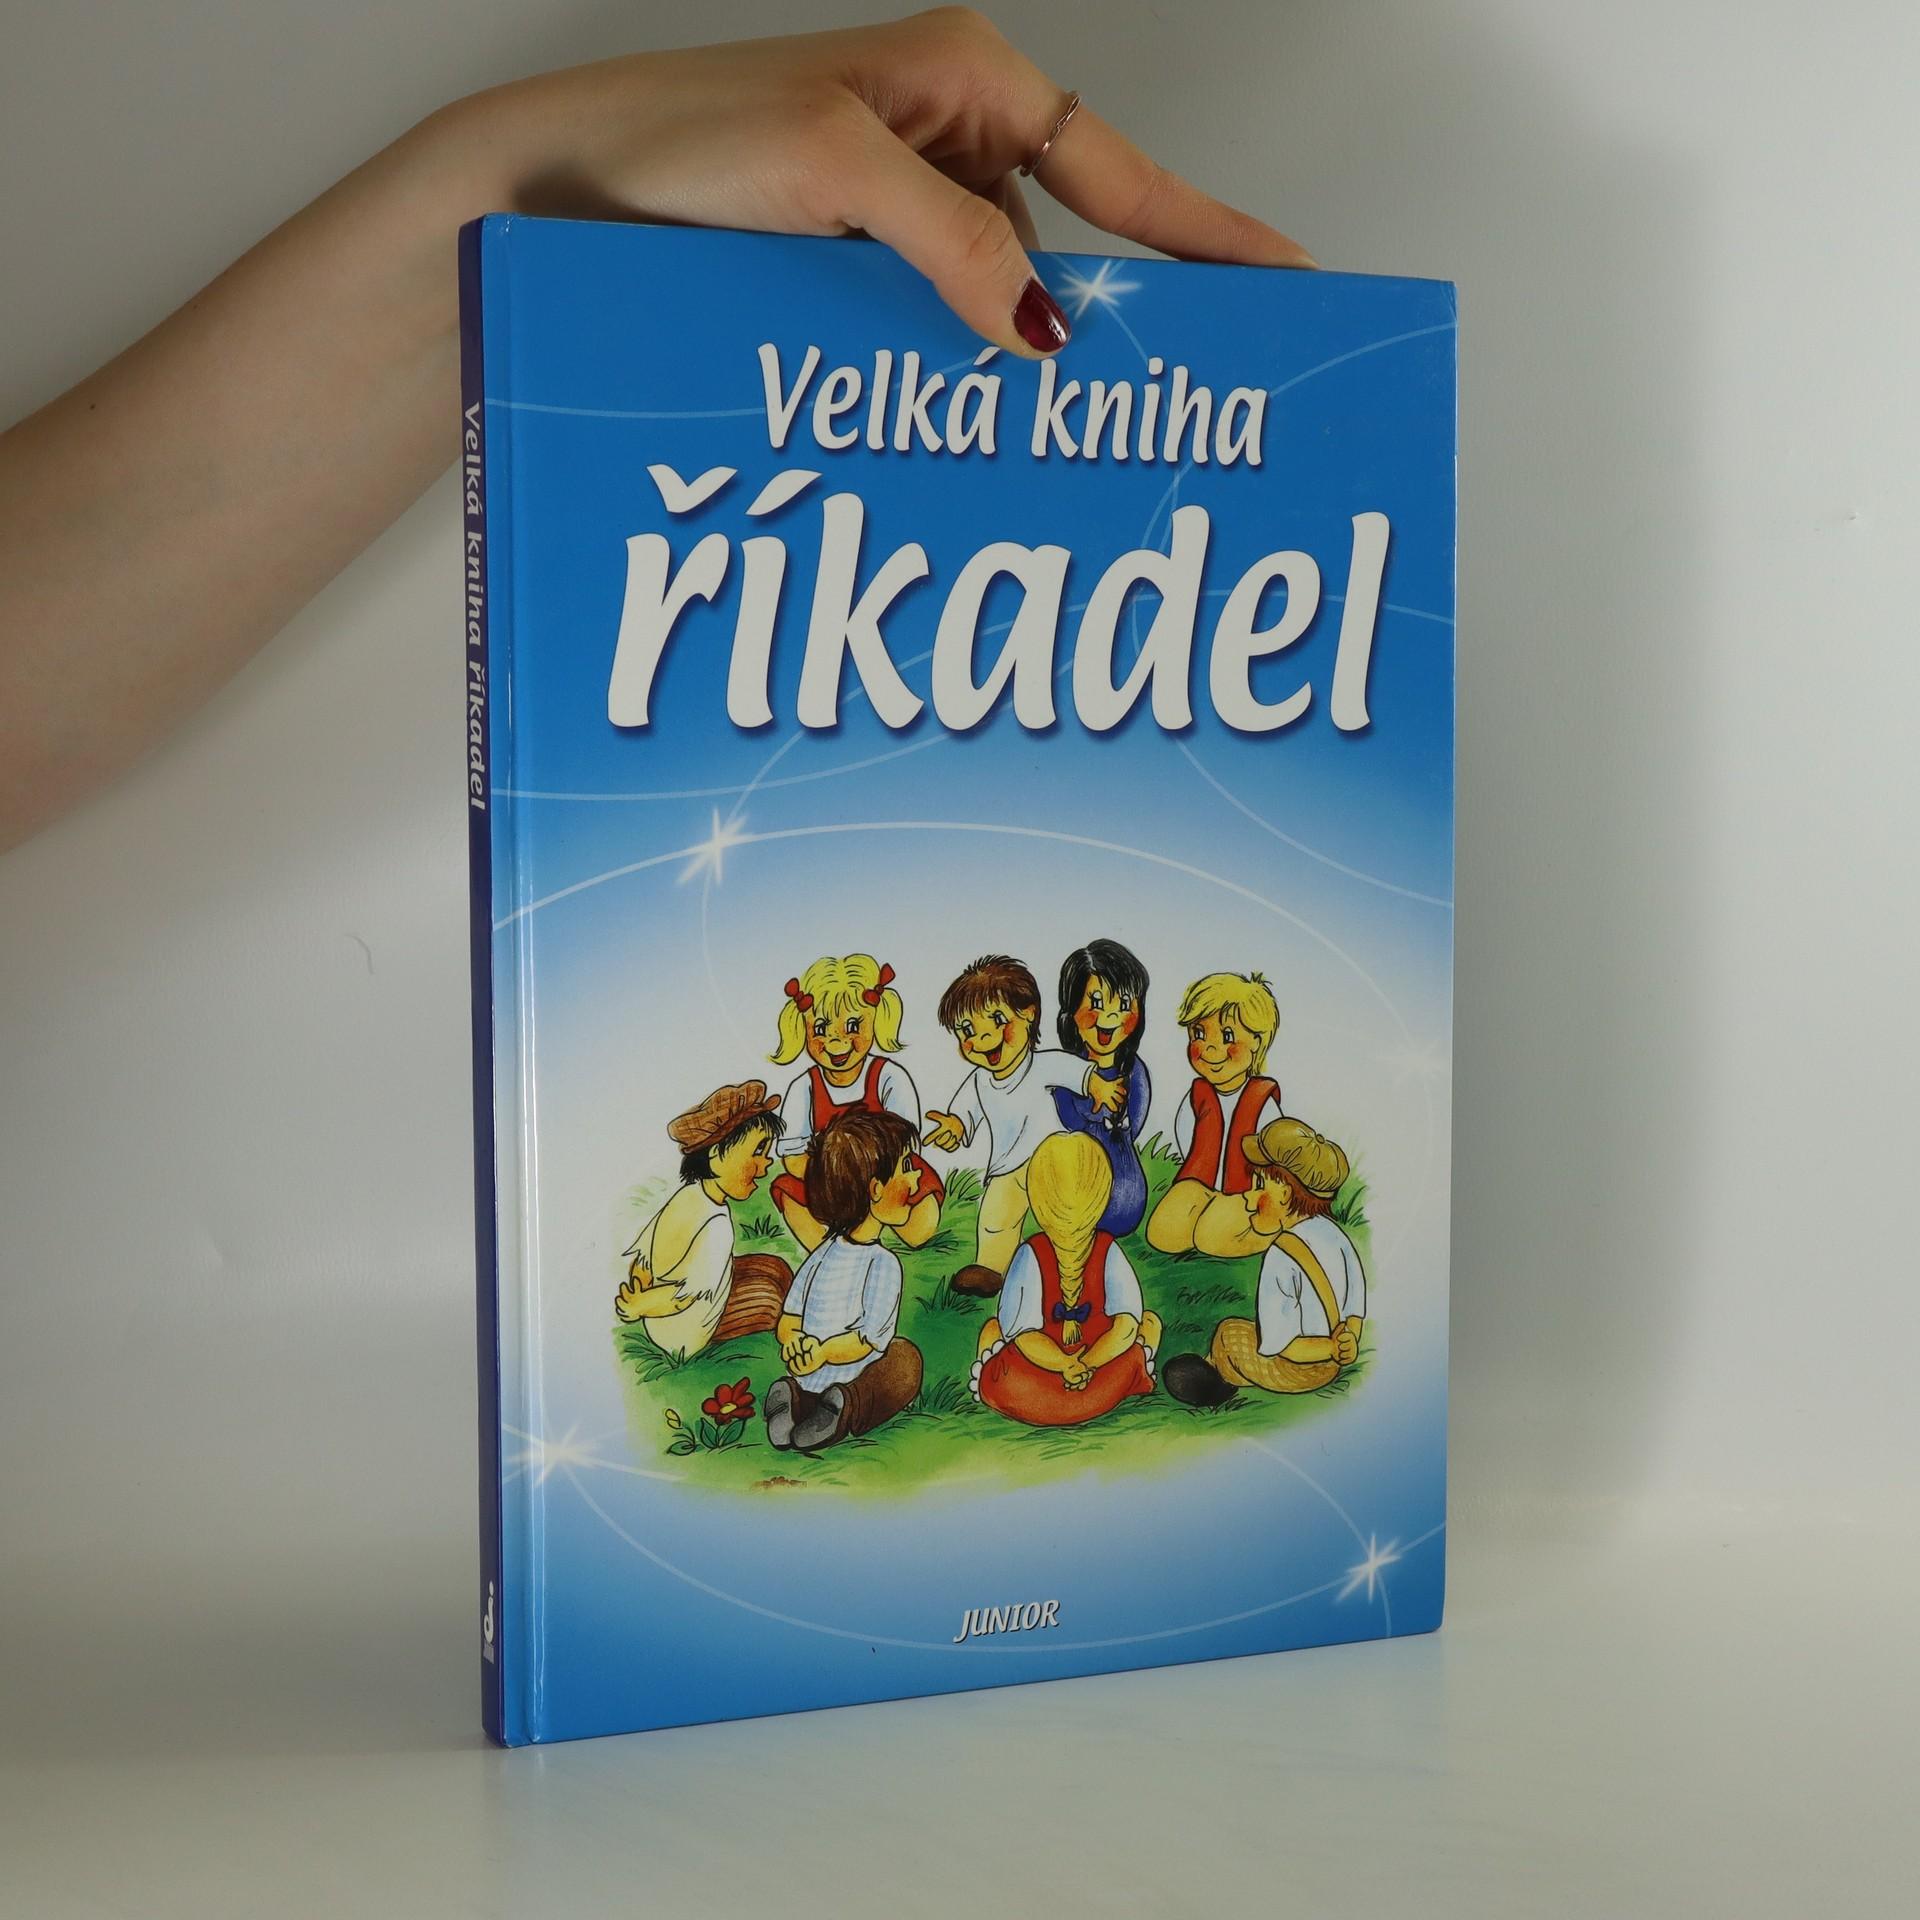 antikvární kniha Velká kniha říkadel, 2004